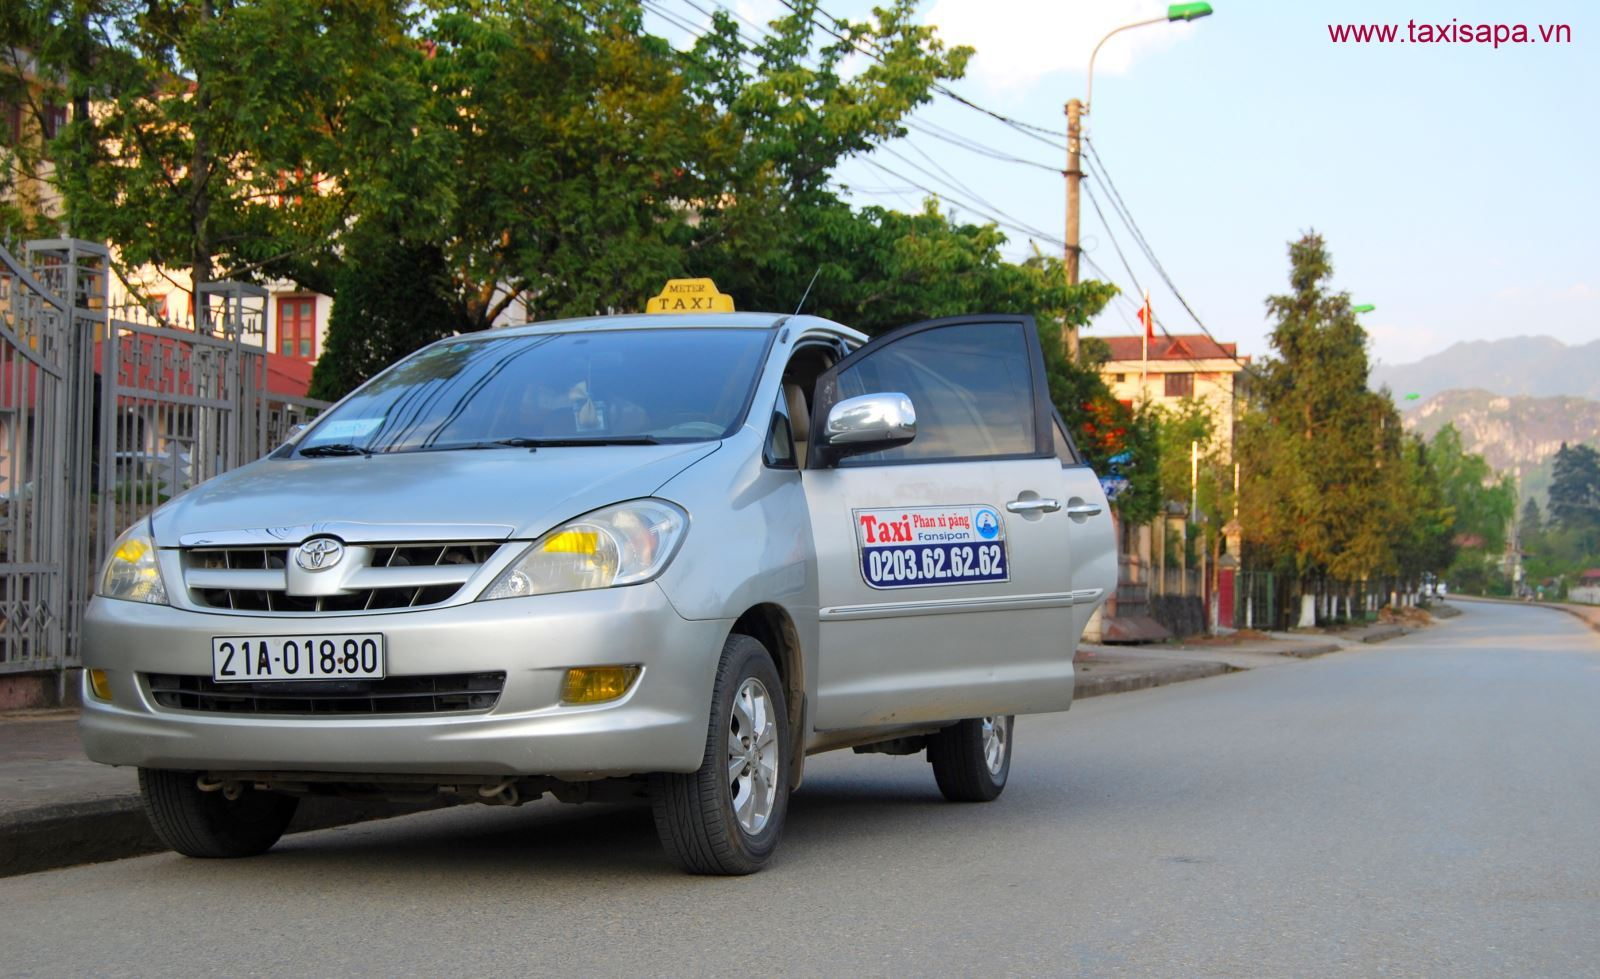 Top 13 Hãng taxi Sapa – Lào Cai uy tín giá rẻ đưa đón bến xe tốt nhất